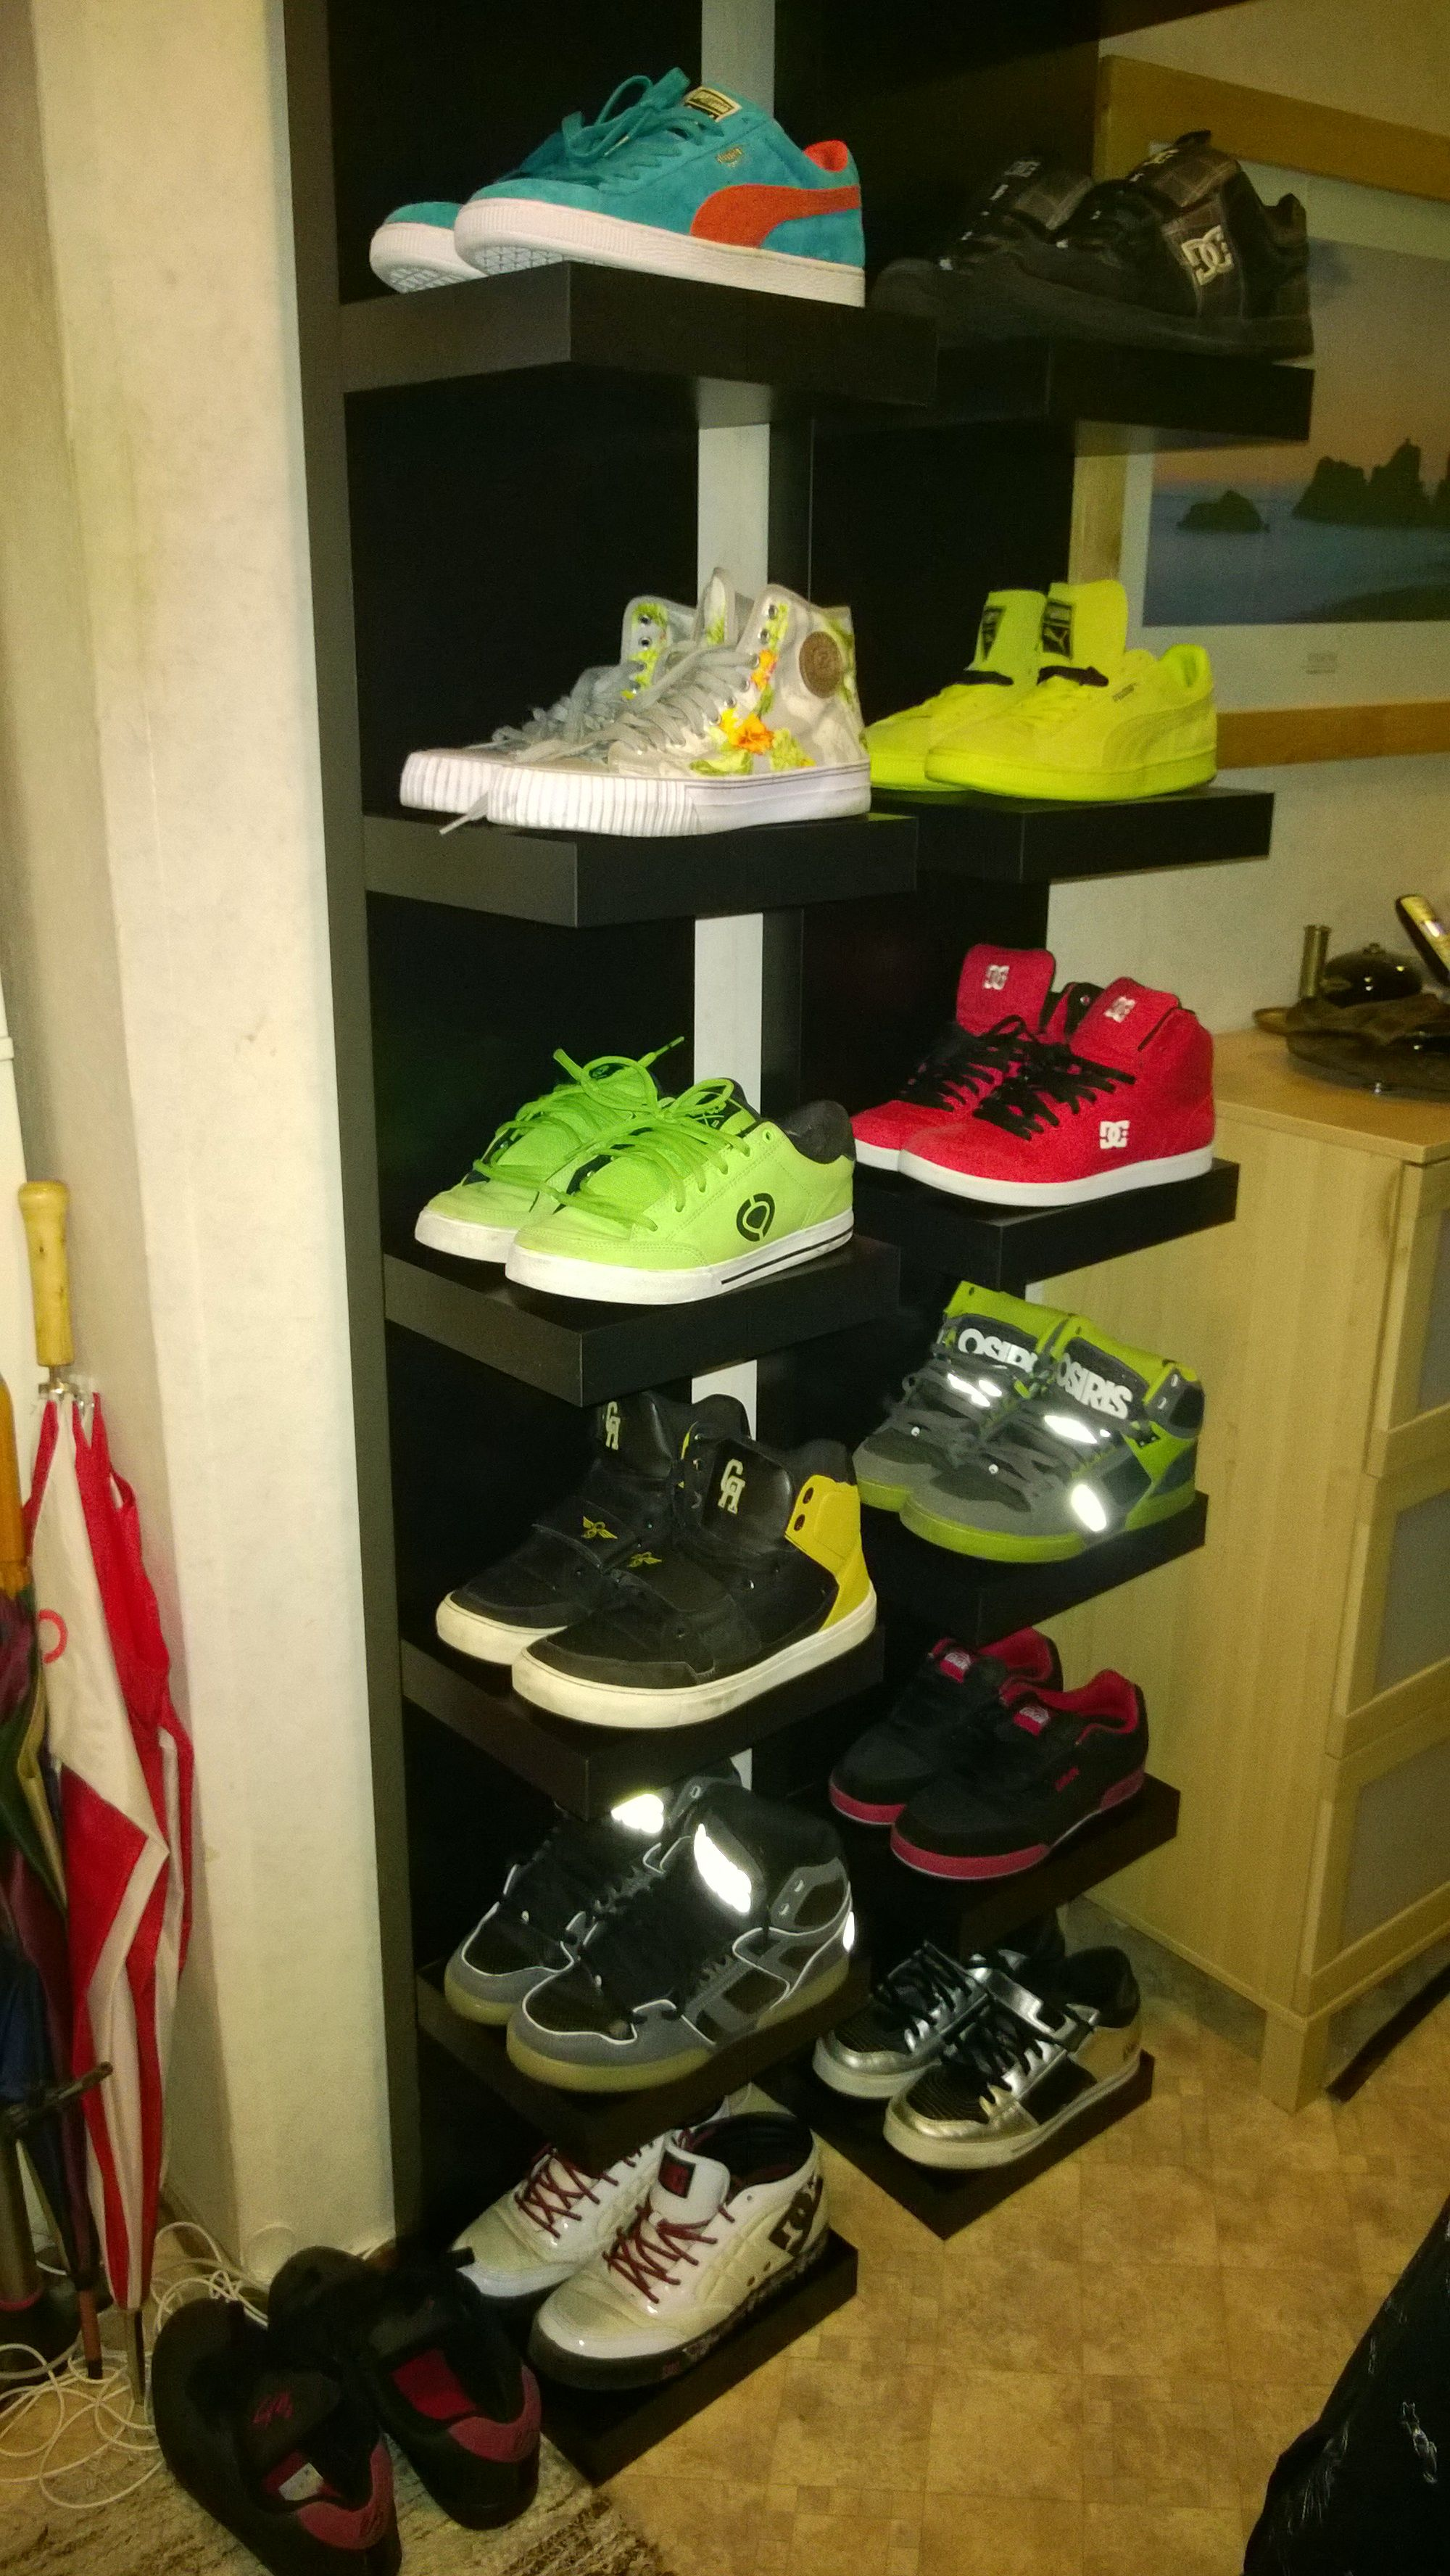 Diy Floating Shelves For Shoes